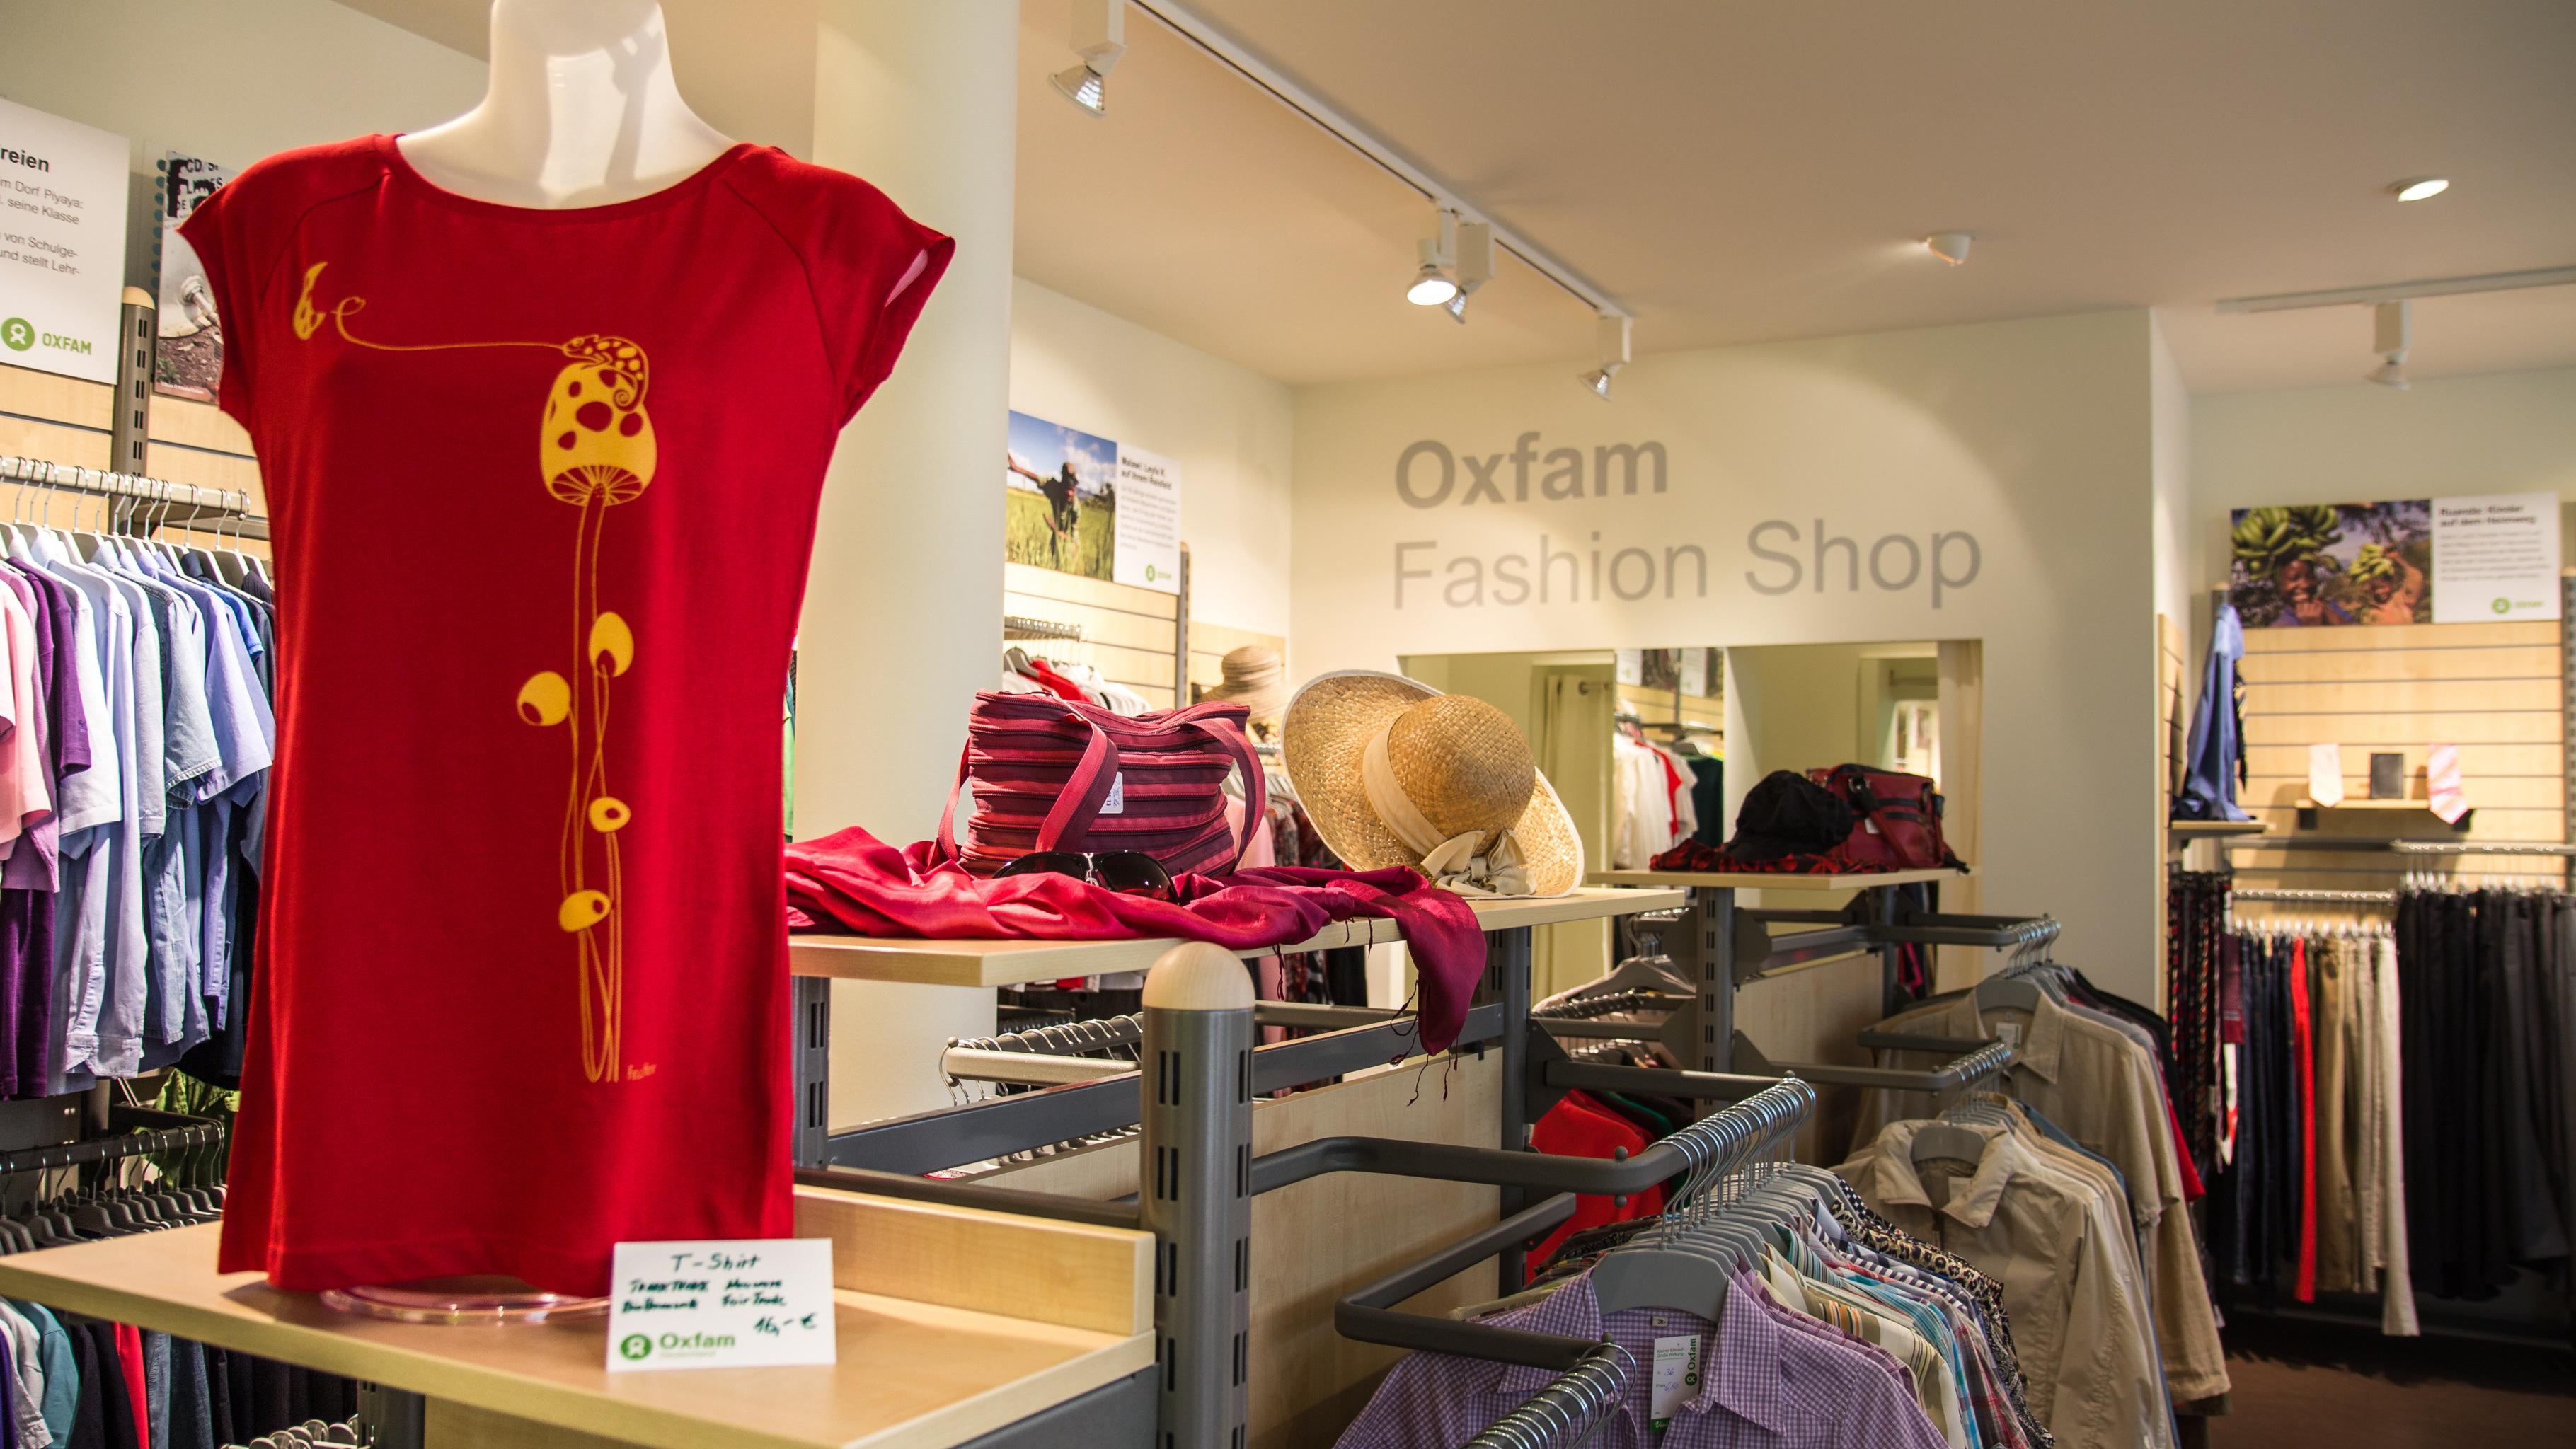 Oxfam Fashionshop Hamburg-Ottensen - Innenansicht